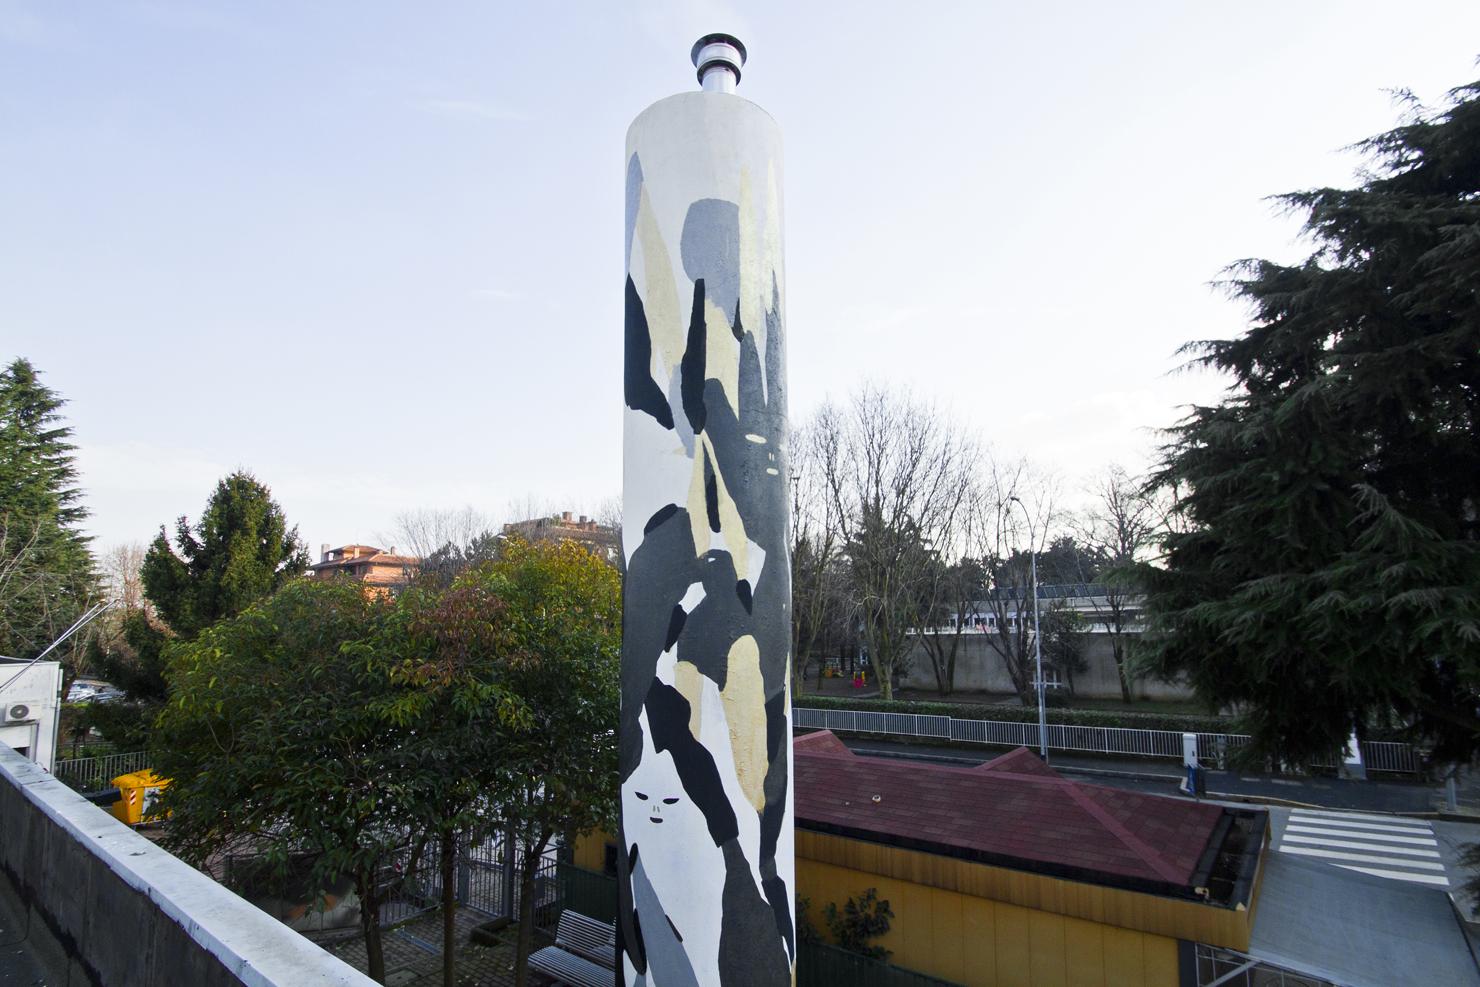 giorgio-bartocci-new-mural-in-monza-14